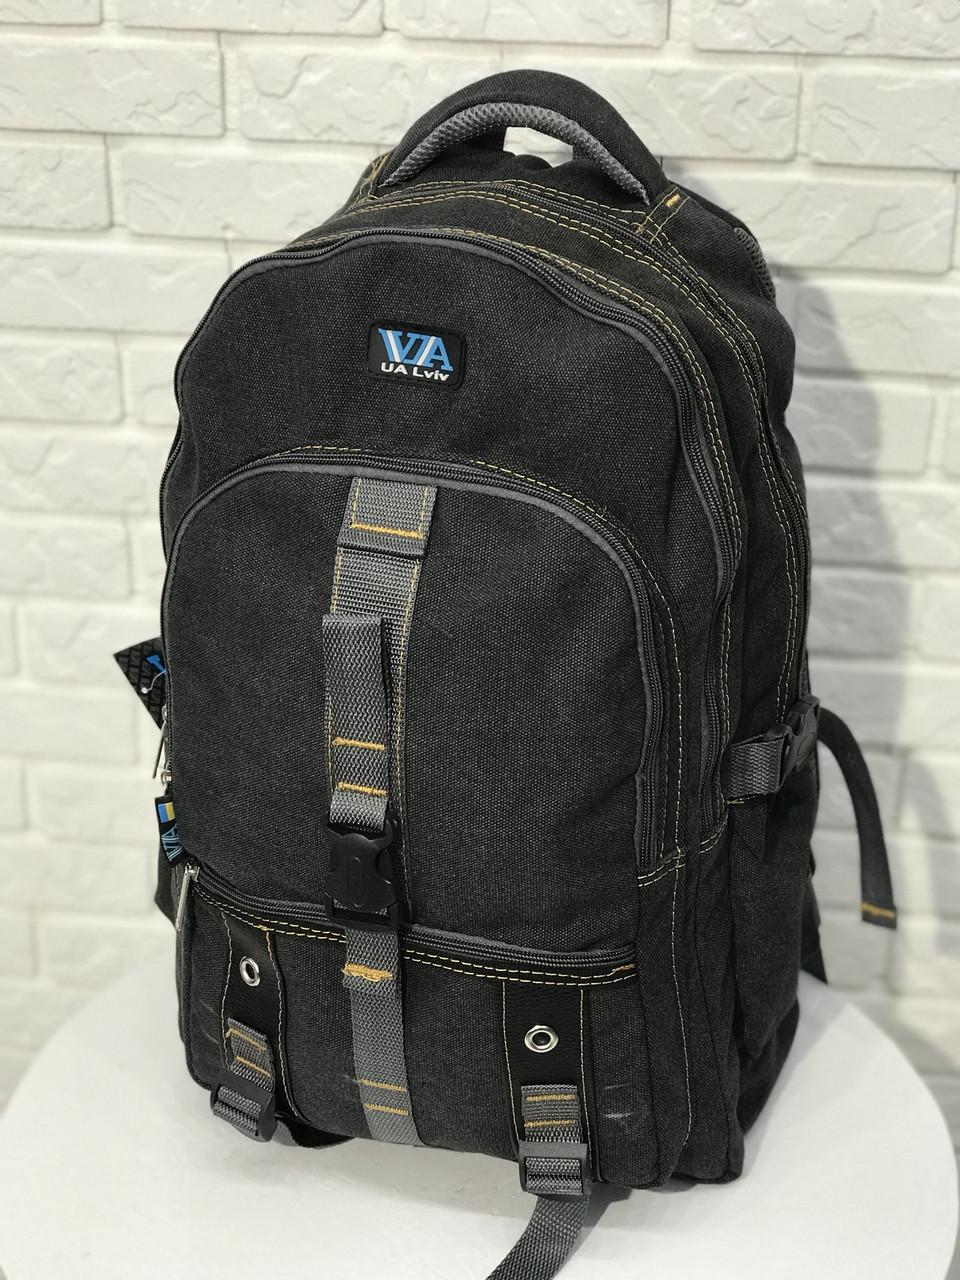 Городской рюкзак VA R-89-150, серый